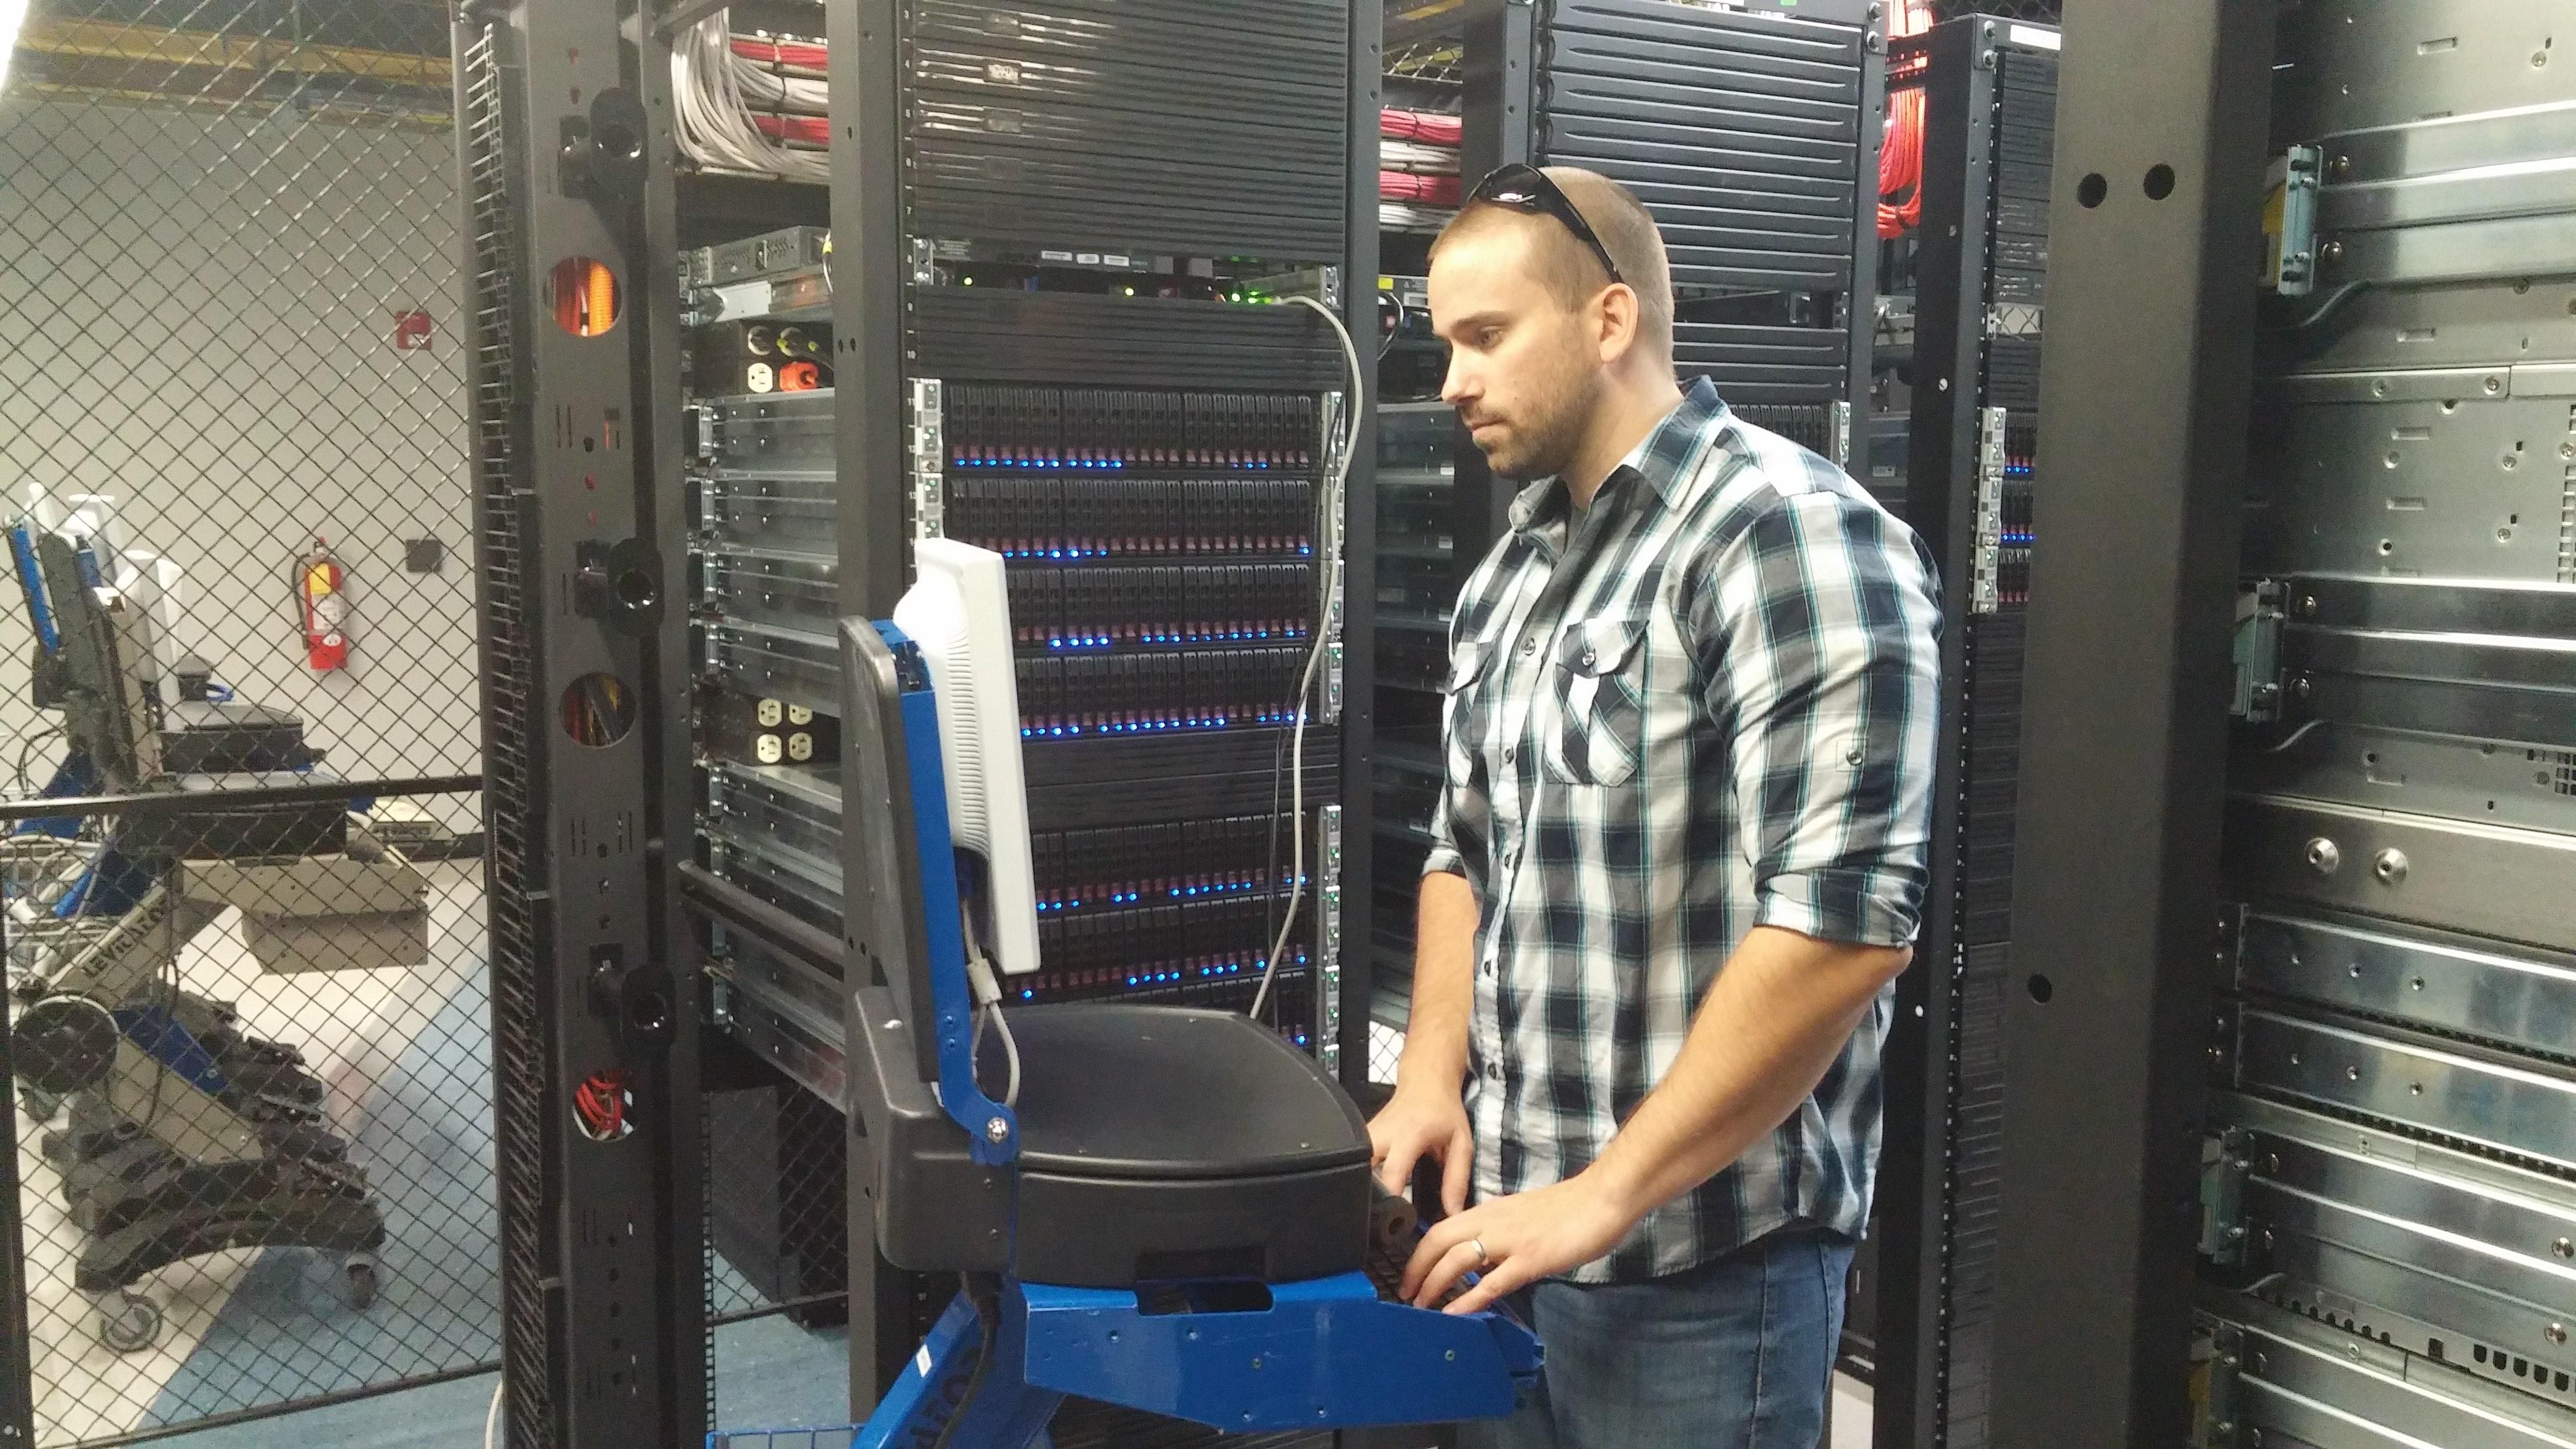 Brett Haines at Atlantic.net's Orlando, Fla., data center.